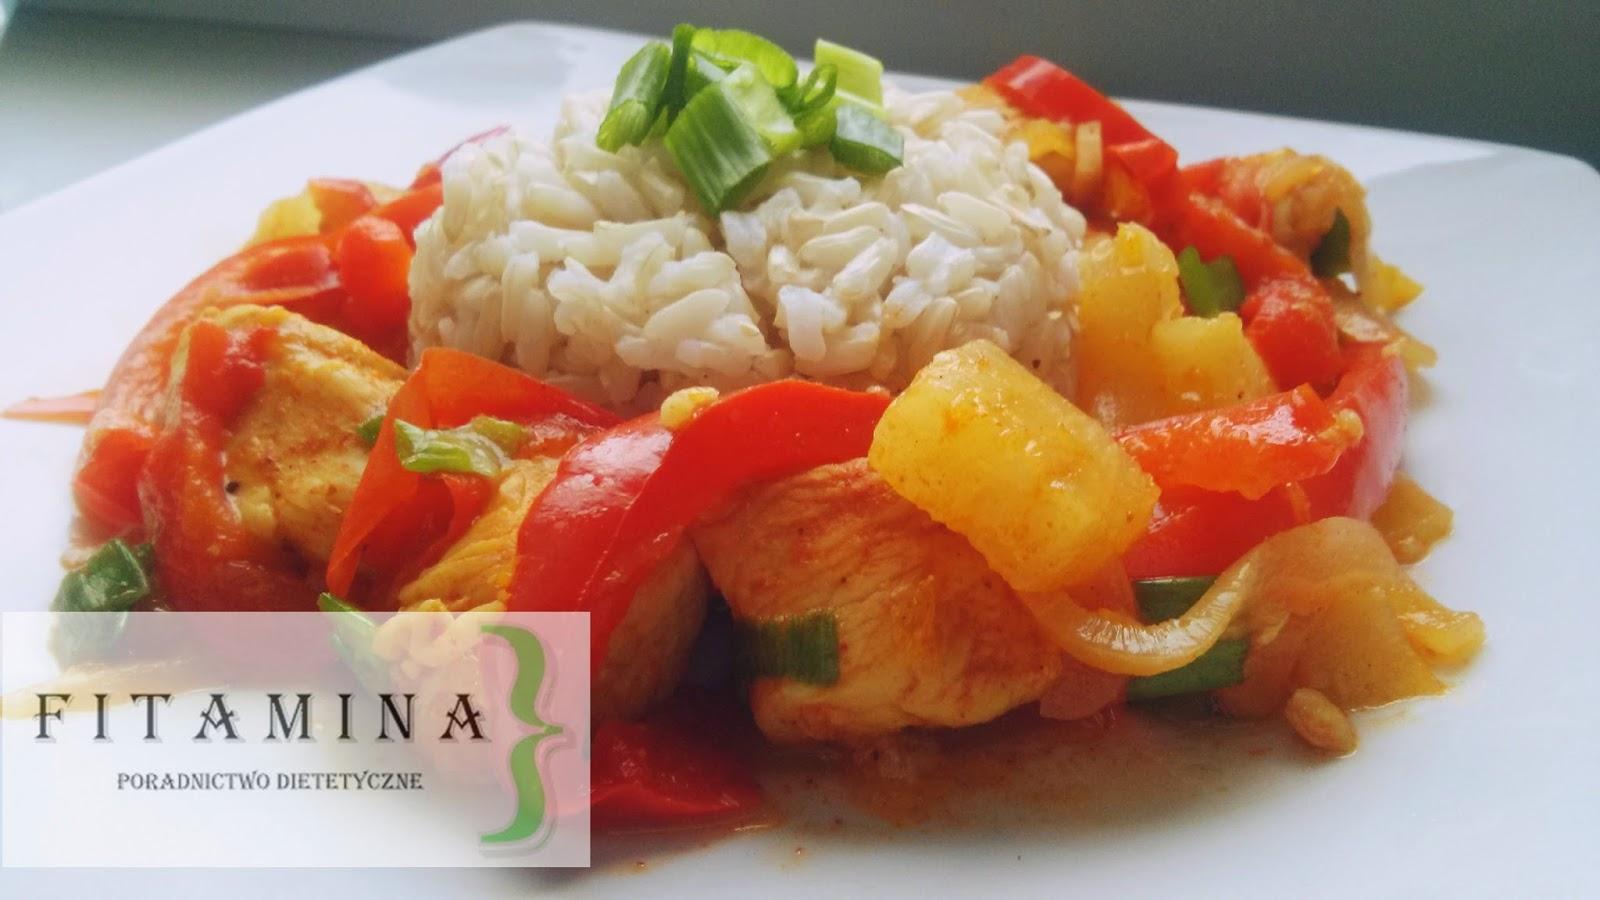 http://bonavita.pl/kurczak-w-sosie-pomaranczowym